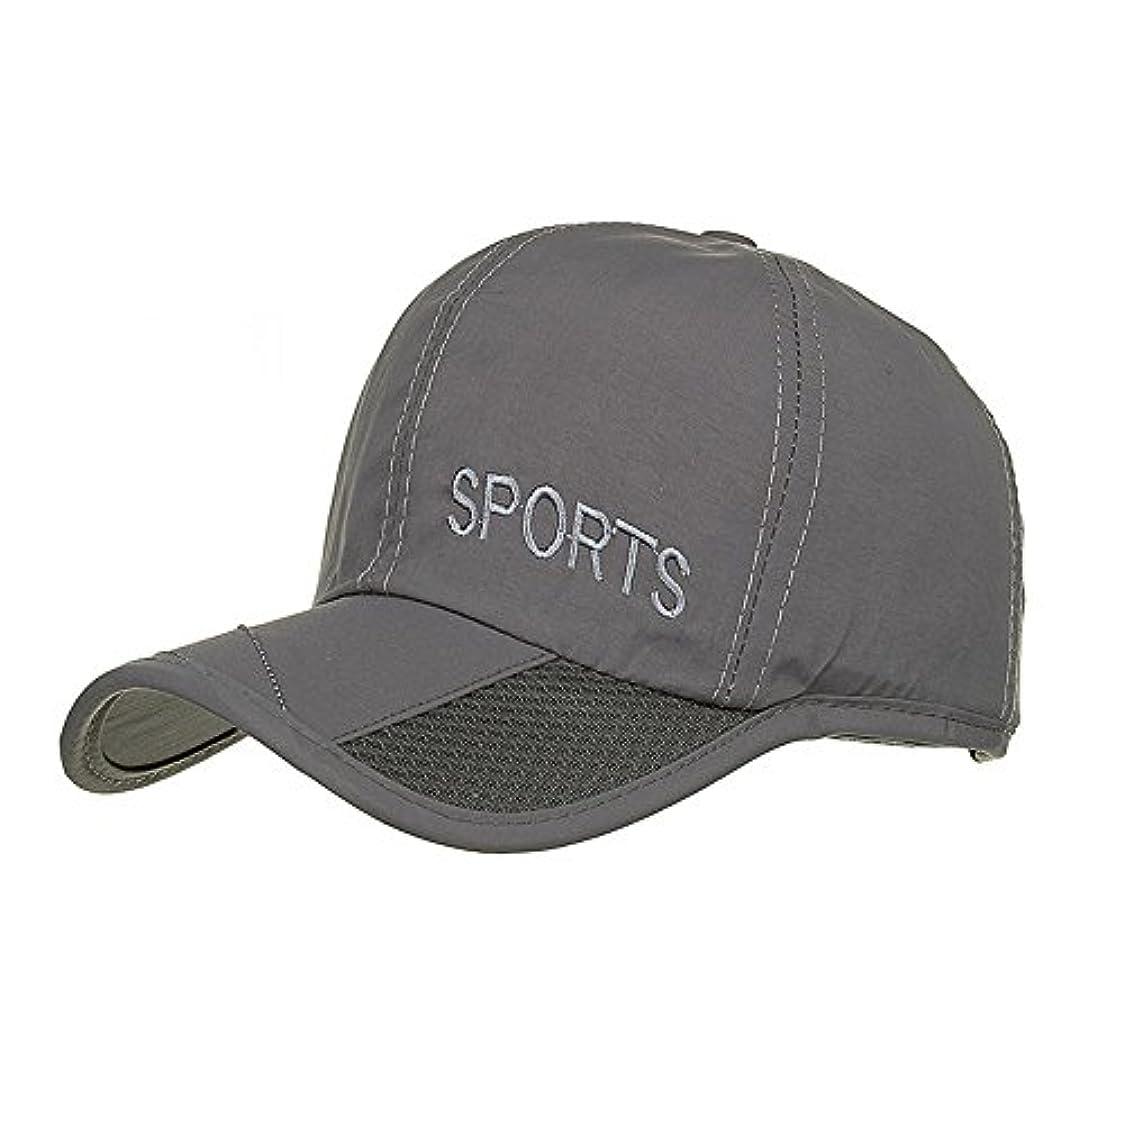 ボンド参照する疎外Racazing Cap 男女兼用 野球帽 夏 登山 通気性のある メッシュ 帽子 ベルクロ 可調整可能 刺繍 棒球帽 UV 帽子 軽量 屋外 Unisex Hat (グレー)